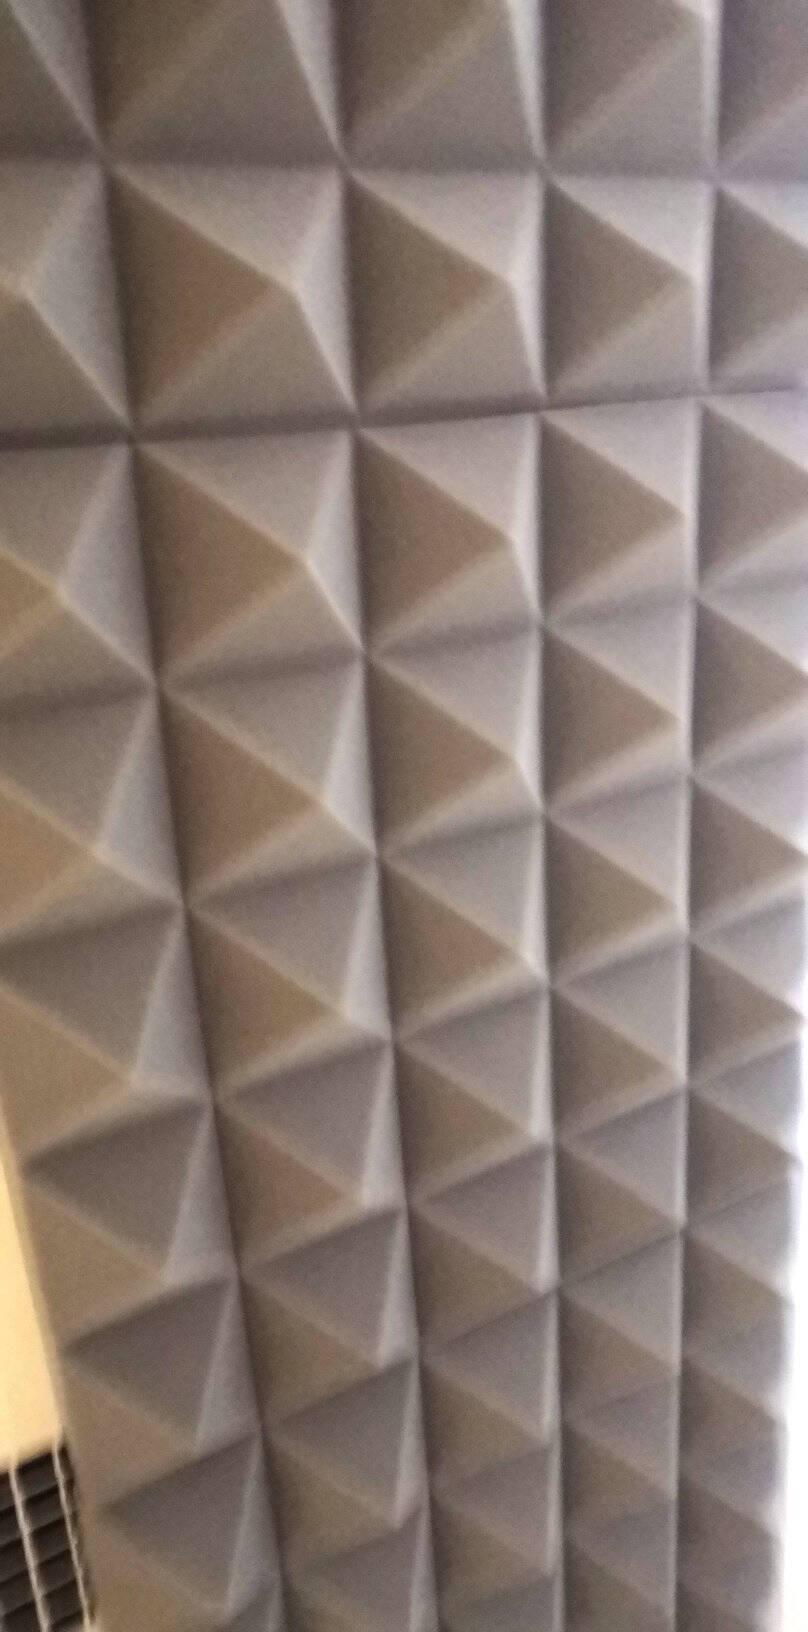 亿派隔音棉墙体吸音棉室内自粘录音棚琴房卧室家用主播ktv消音隔音板8CM金字塔【灰色】【10片装】高密度-带背胶